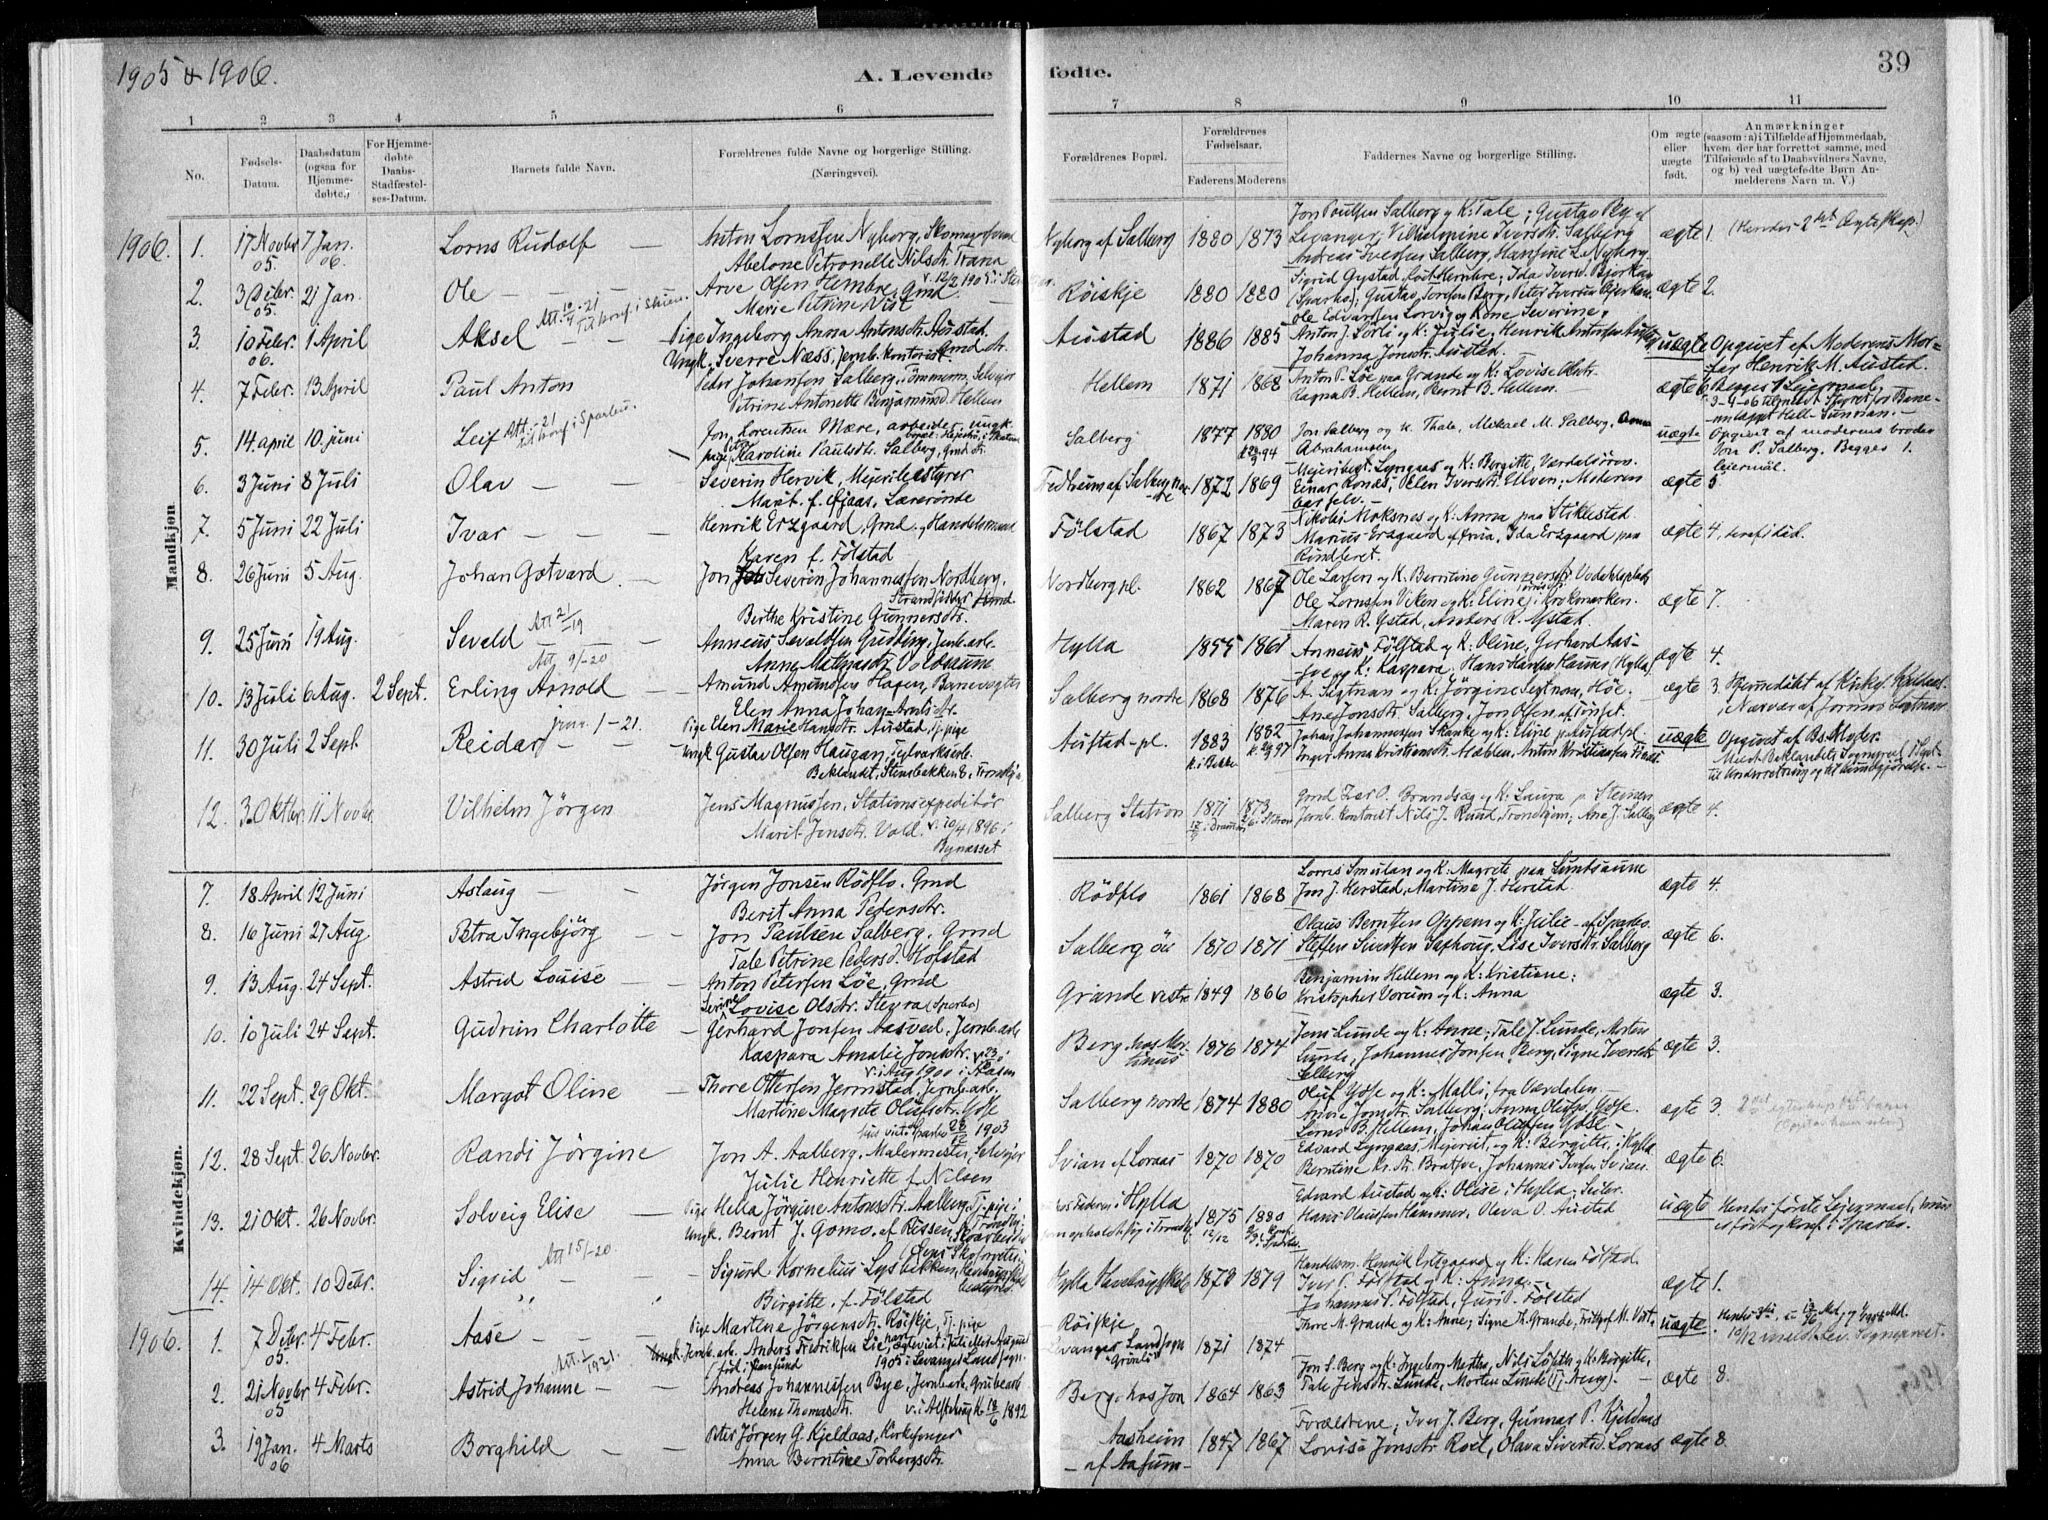 SAT, Ministerialprotokoller, klokkerbøker og fødselsregistre - Nord-Trøndelag, 731/L0309: Ministerialbok nr. 731A01, 1879-1918, s. 39